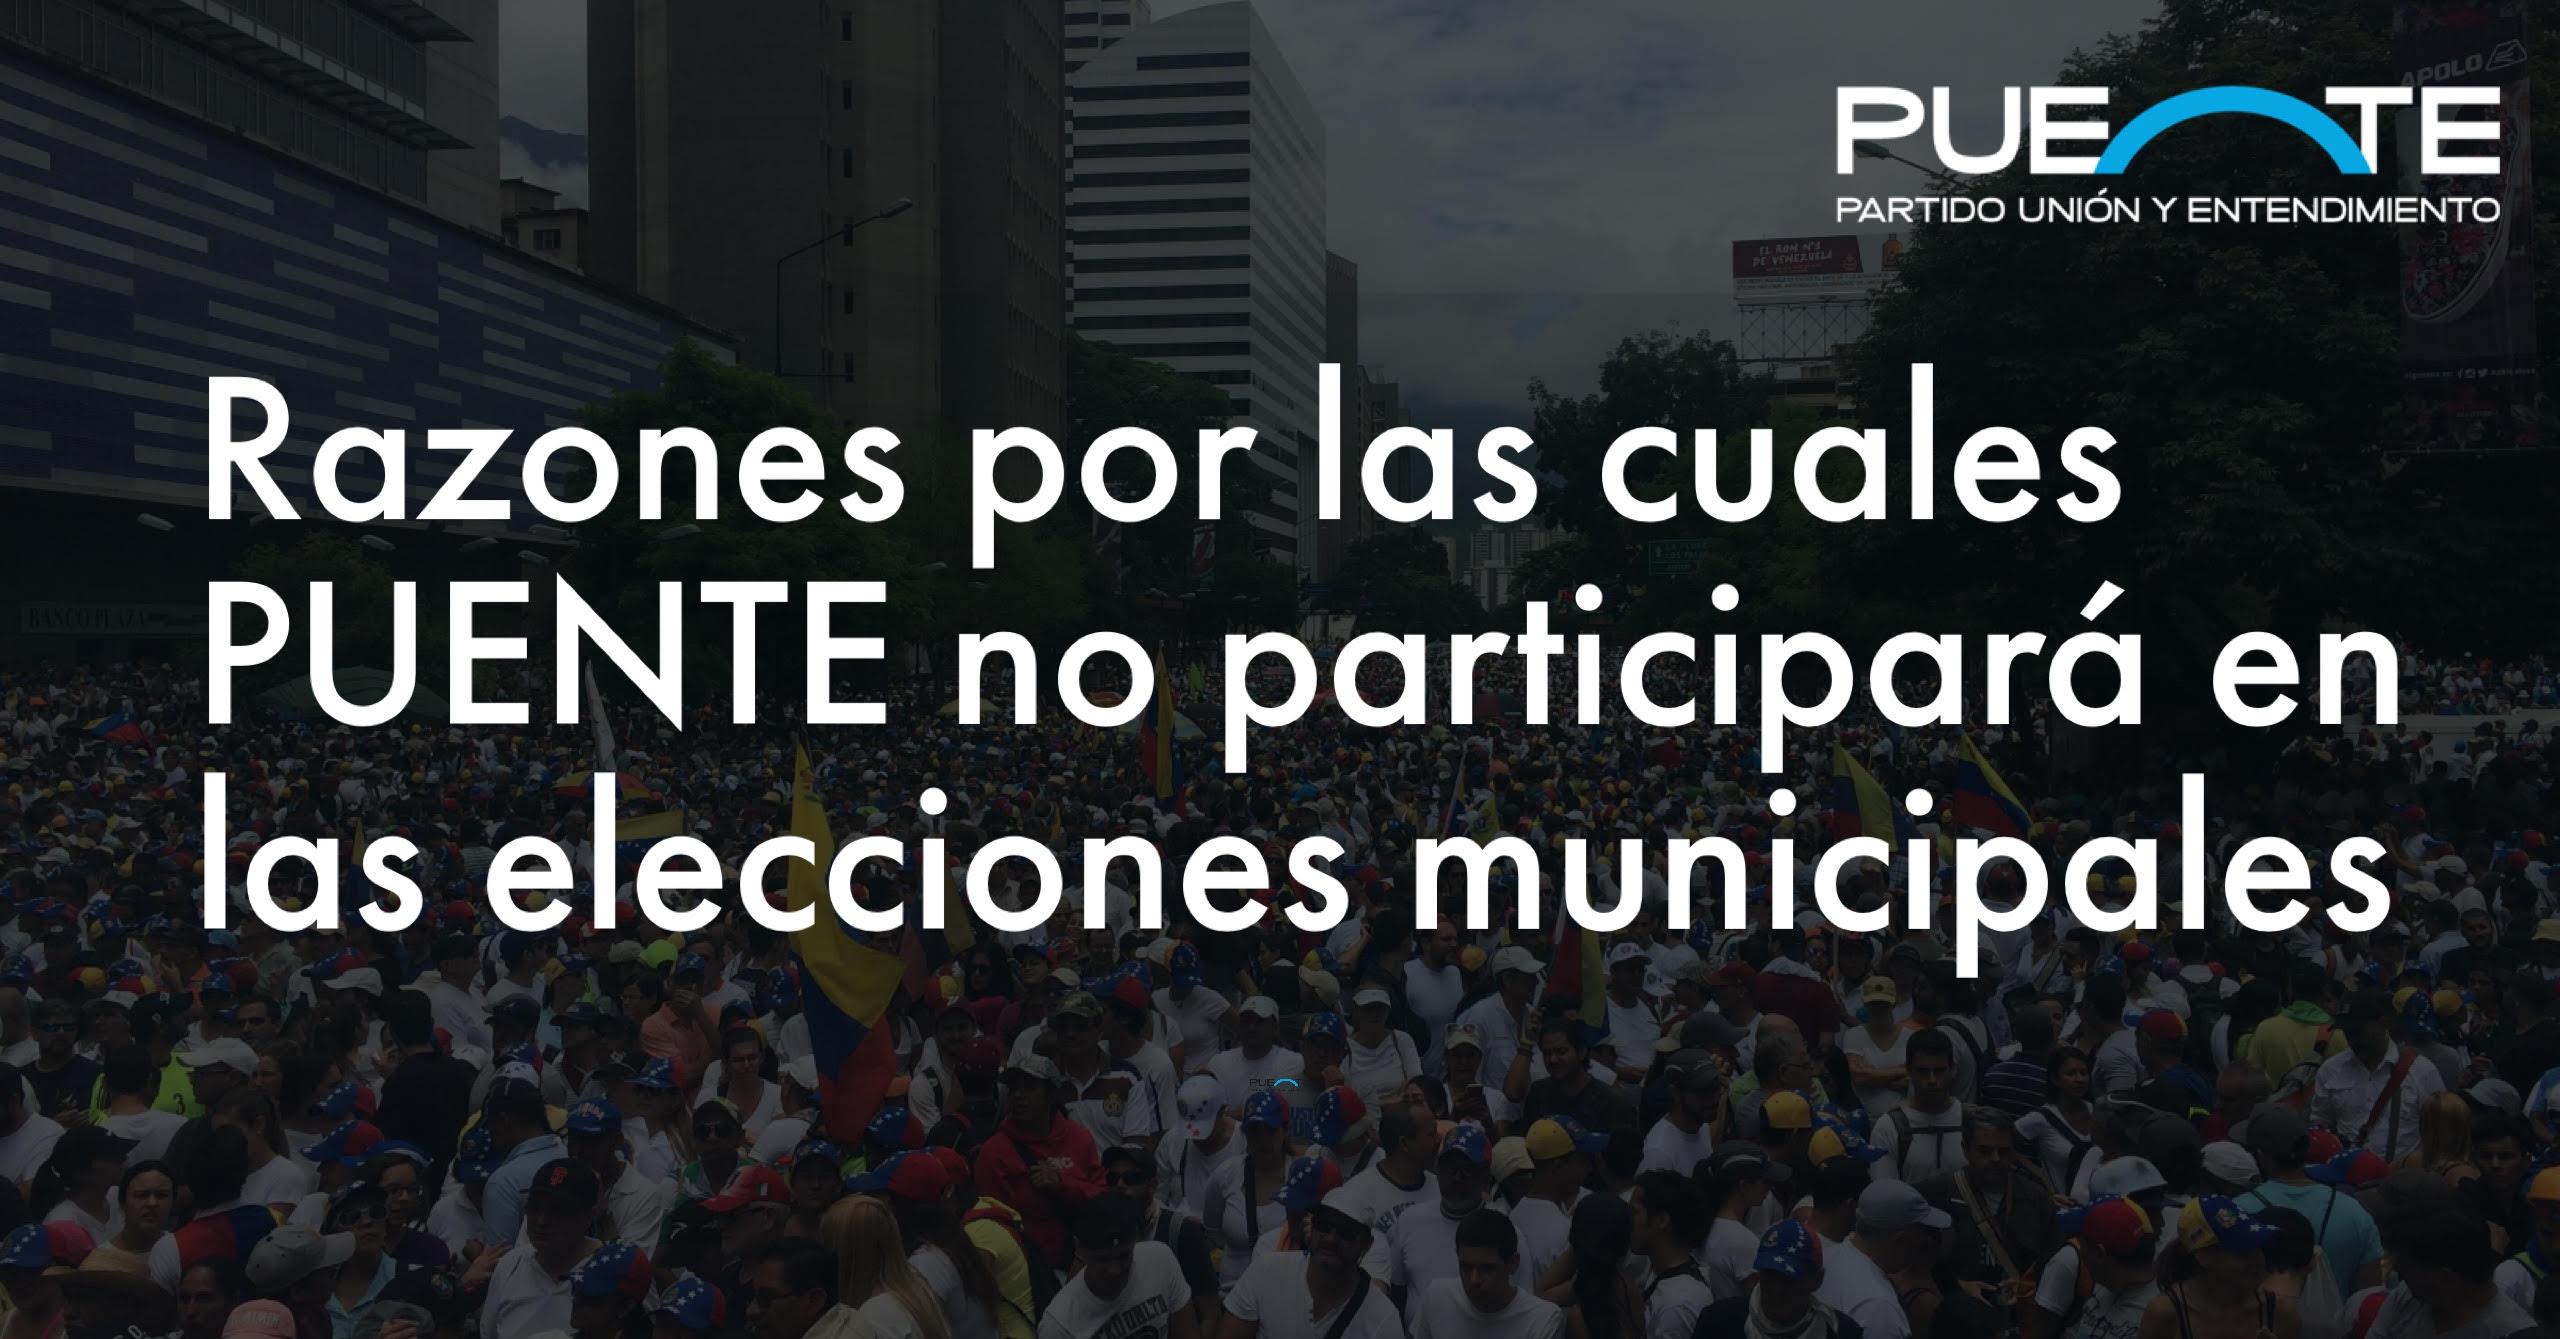 Razones por las cuales PUENTE no participa en estas elecciones municipales.